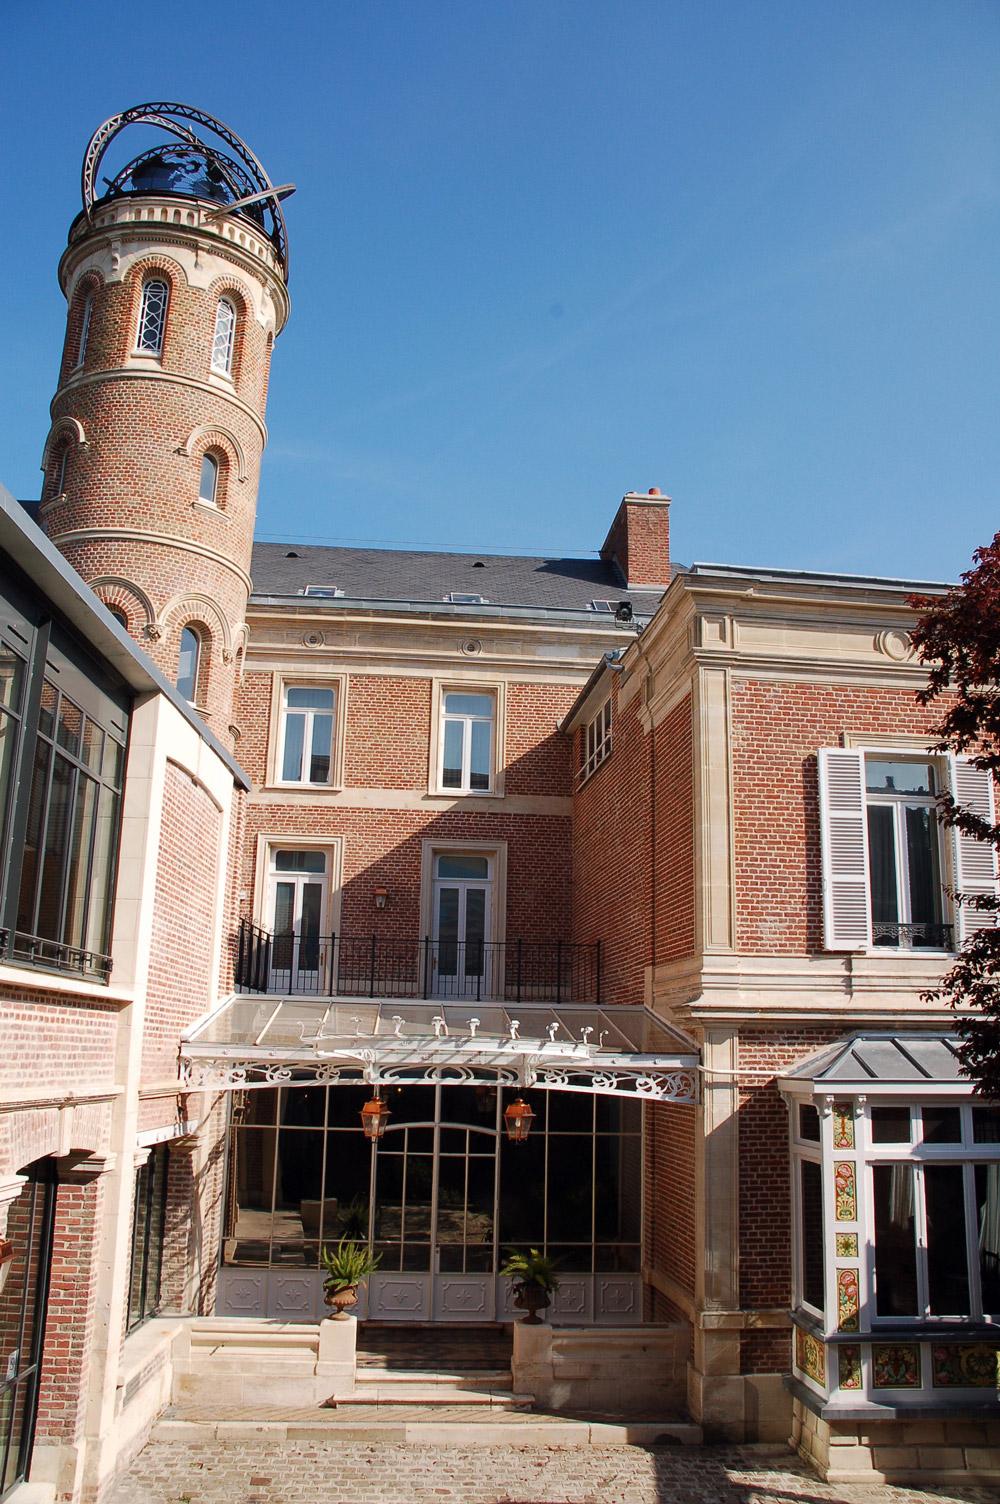 Maison Jules Verne Amiens